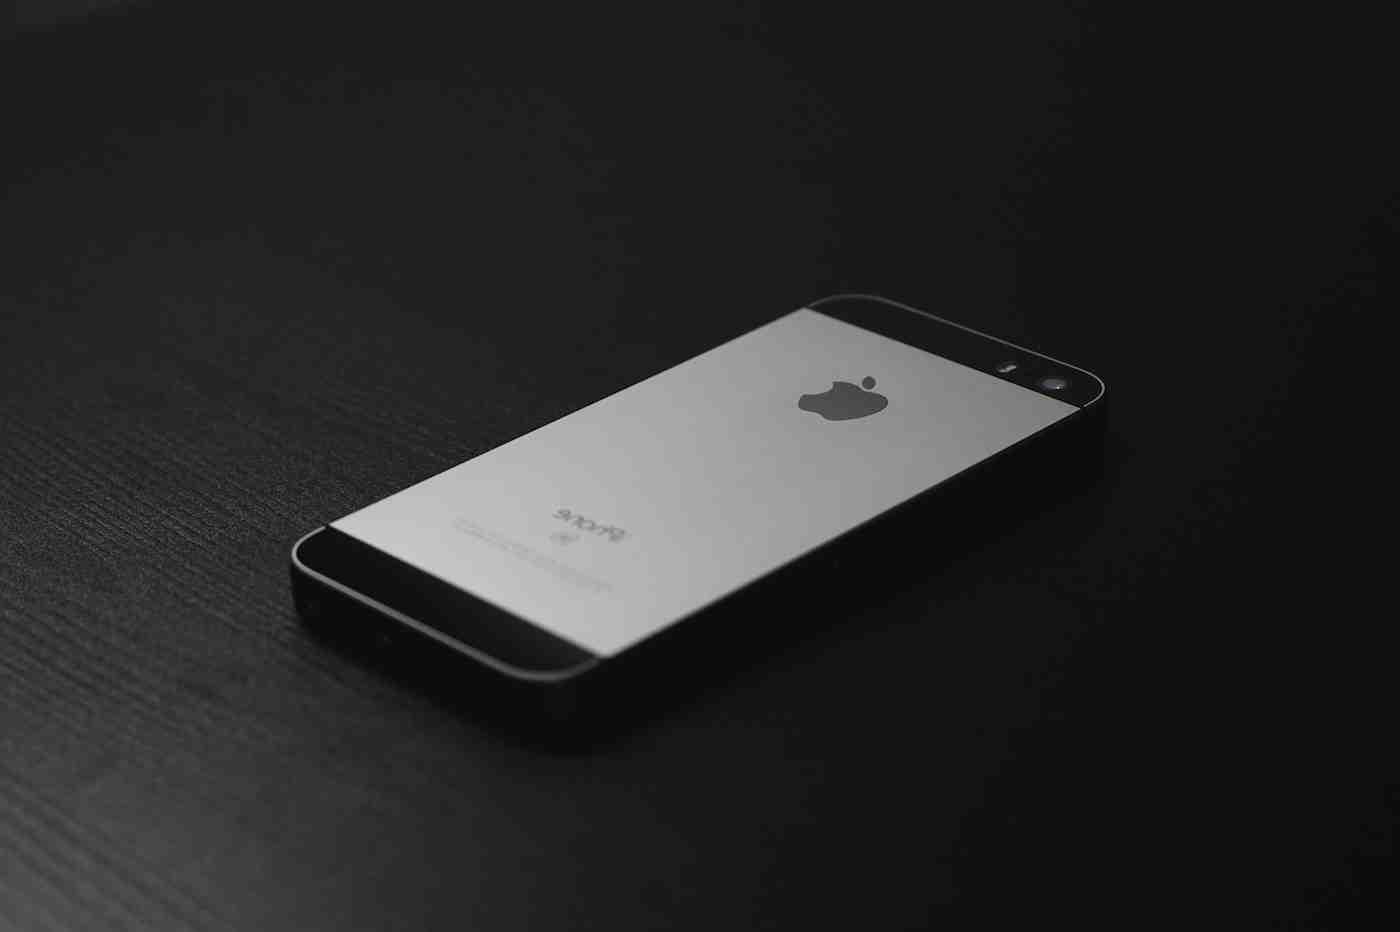 Comment réinitialiser l'iphone 5 comme neuf ?